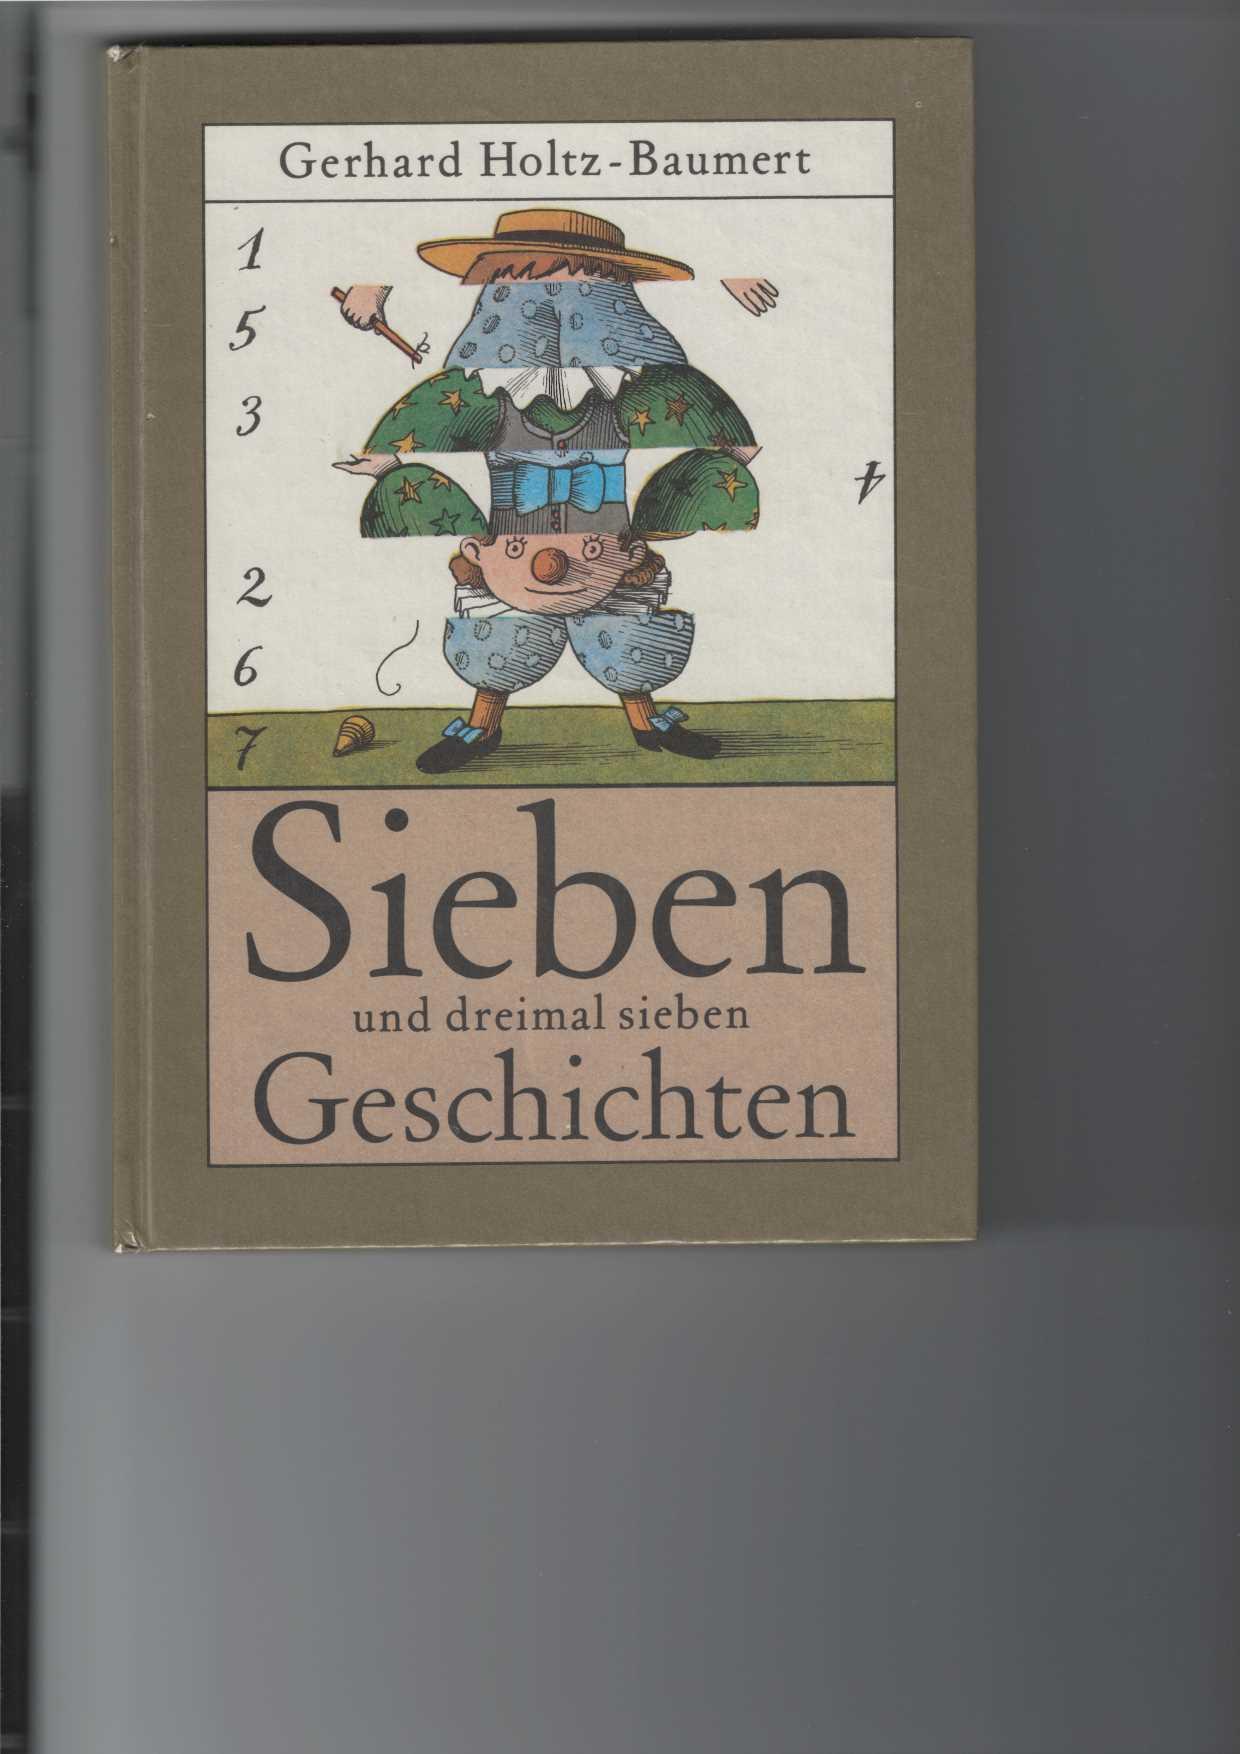 Holtz-Baumert, Gerhard: Sieben und dreimal sieben Geschichten. Etwas merkwürdige Geschichten. Illustrationen von Egbert Herfurth. 2. Aufl.,